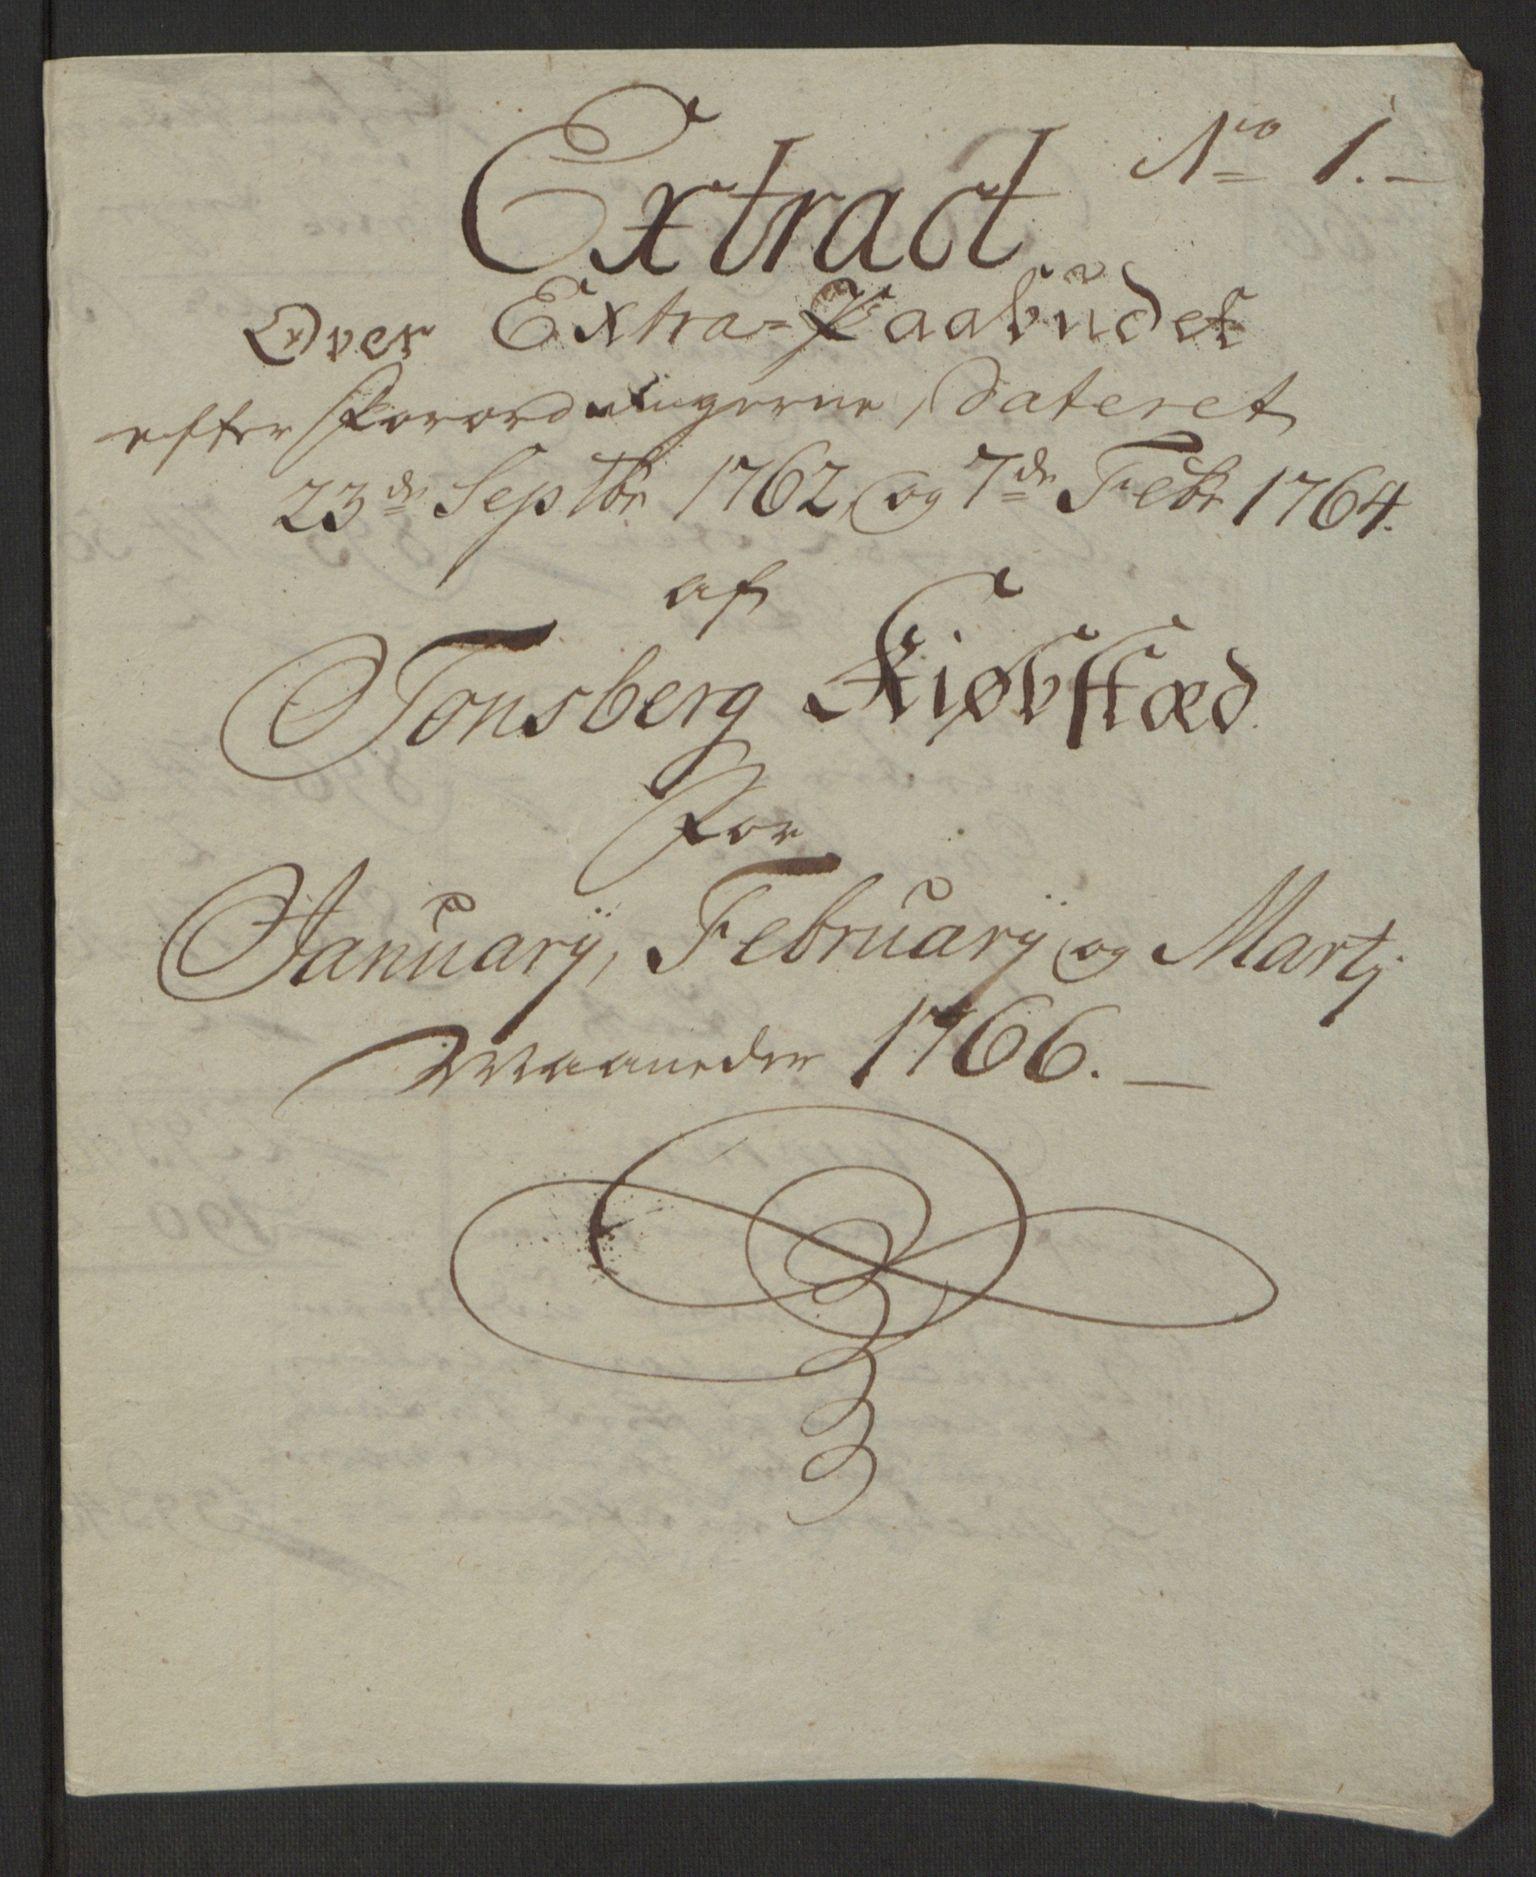 RA, Rentekammeret inntil 1814, Reviderte regnskaper, Byregnskaper, R/Rh/L0162: [H4] Kontribusjonsregnskap, 1762-1772, s. 250